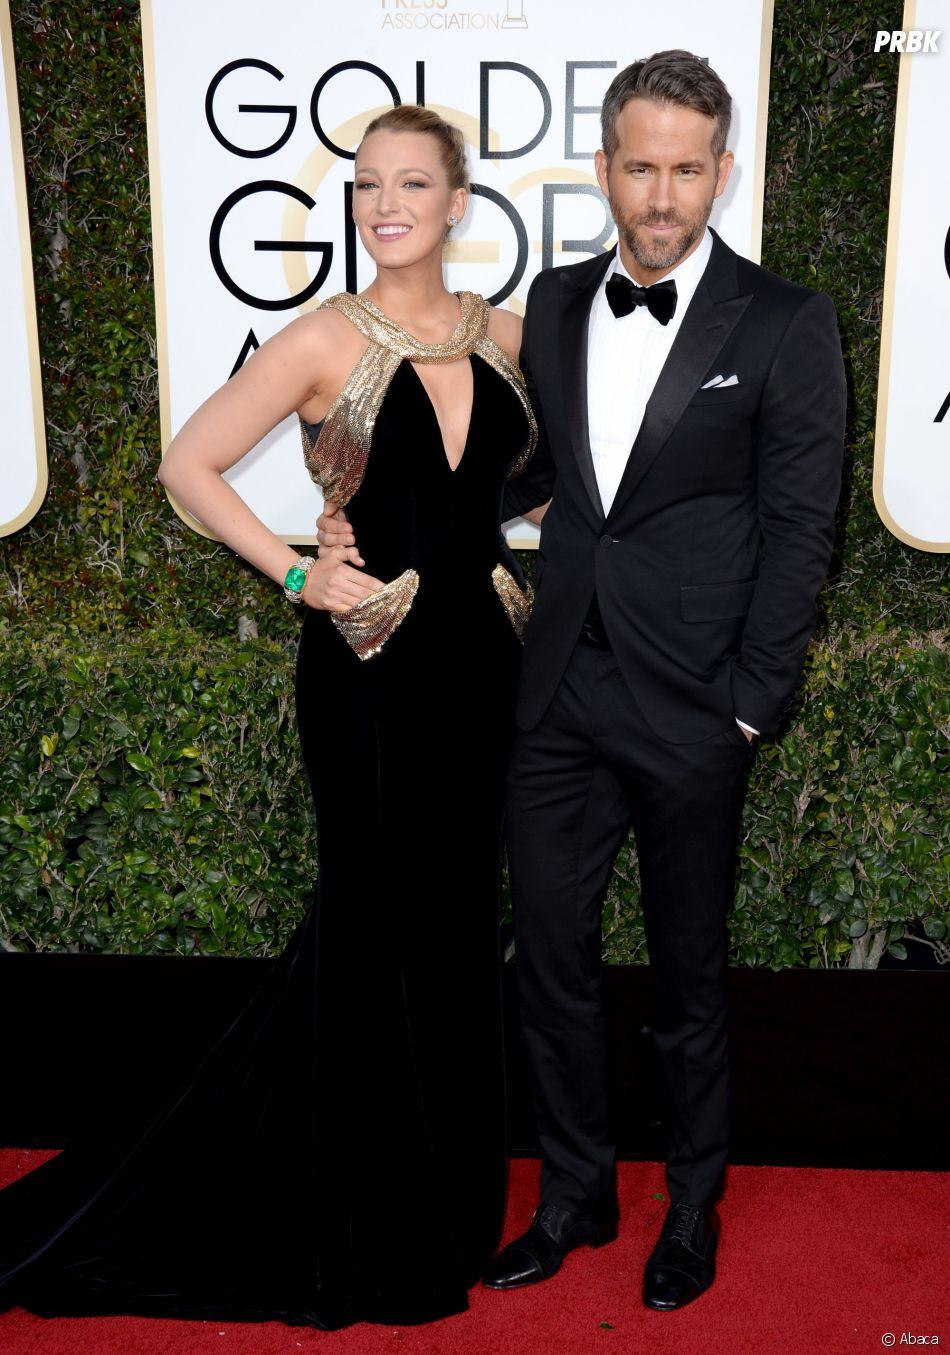 Blake Lively et Ryan Reynolds sur le tapis-rouge des Golden Globes 2017 le 8 janvier à Los Angeles